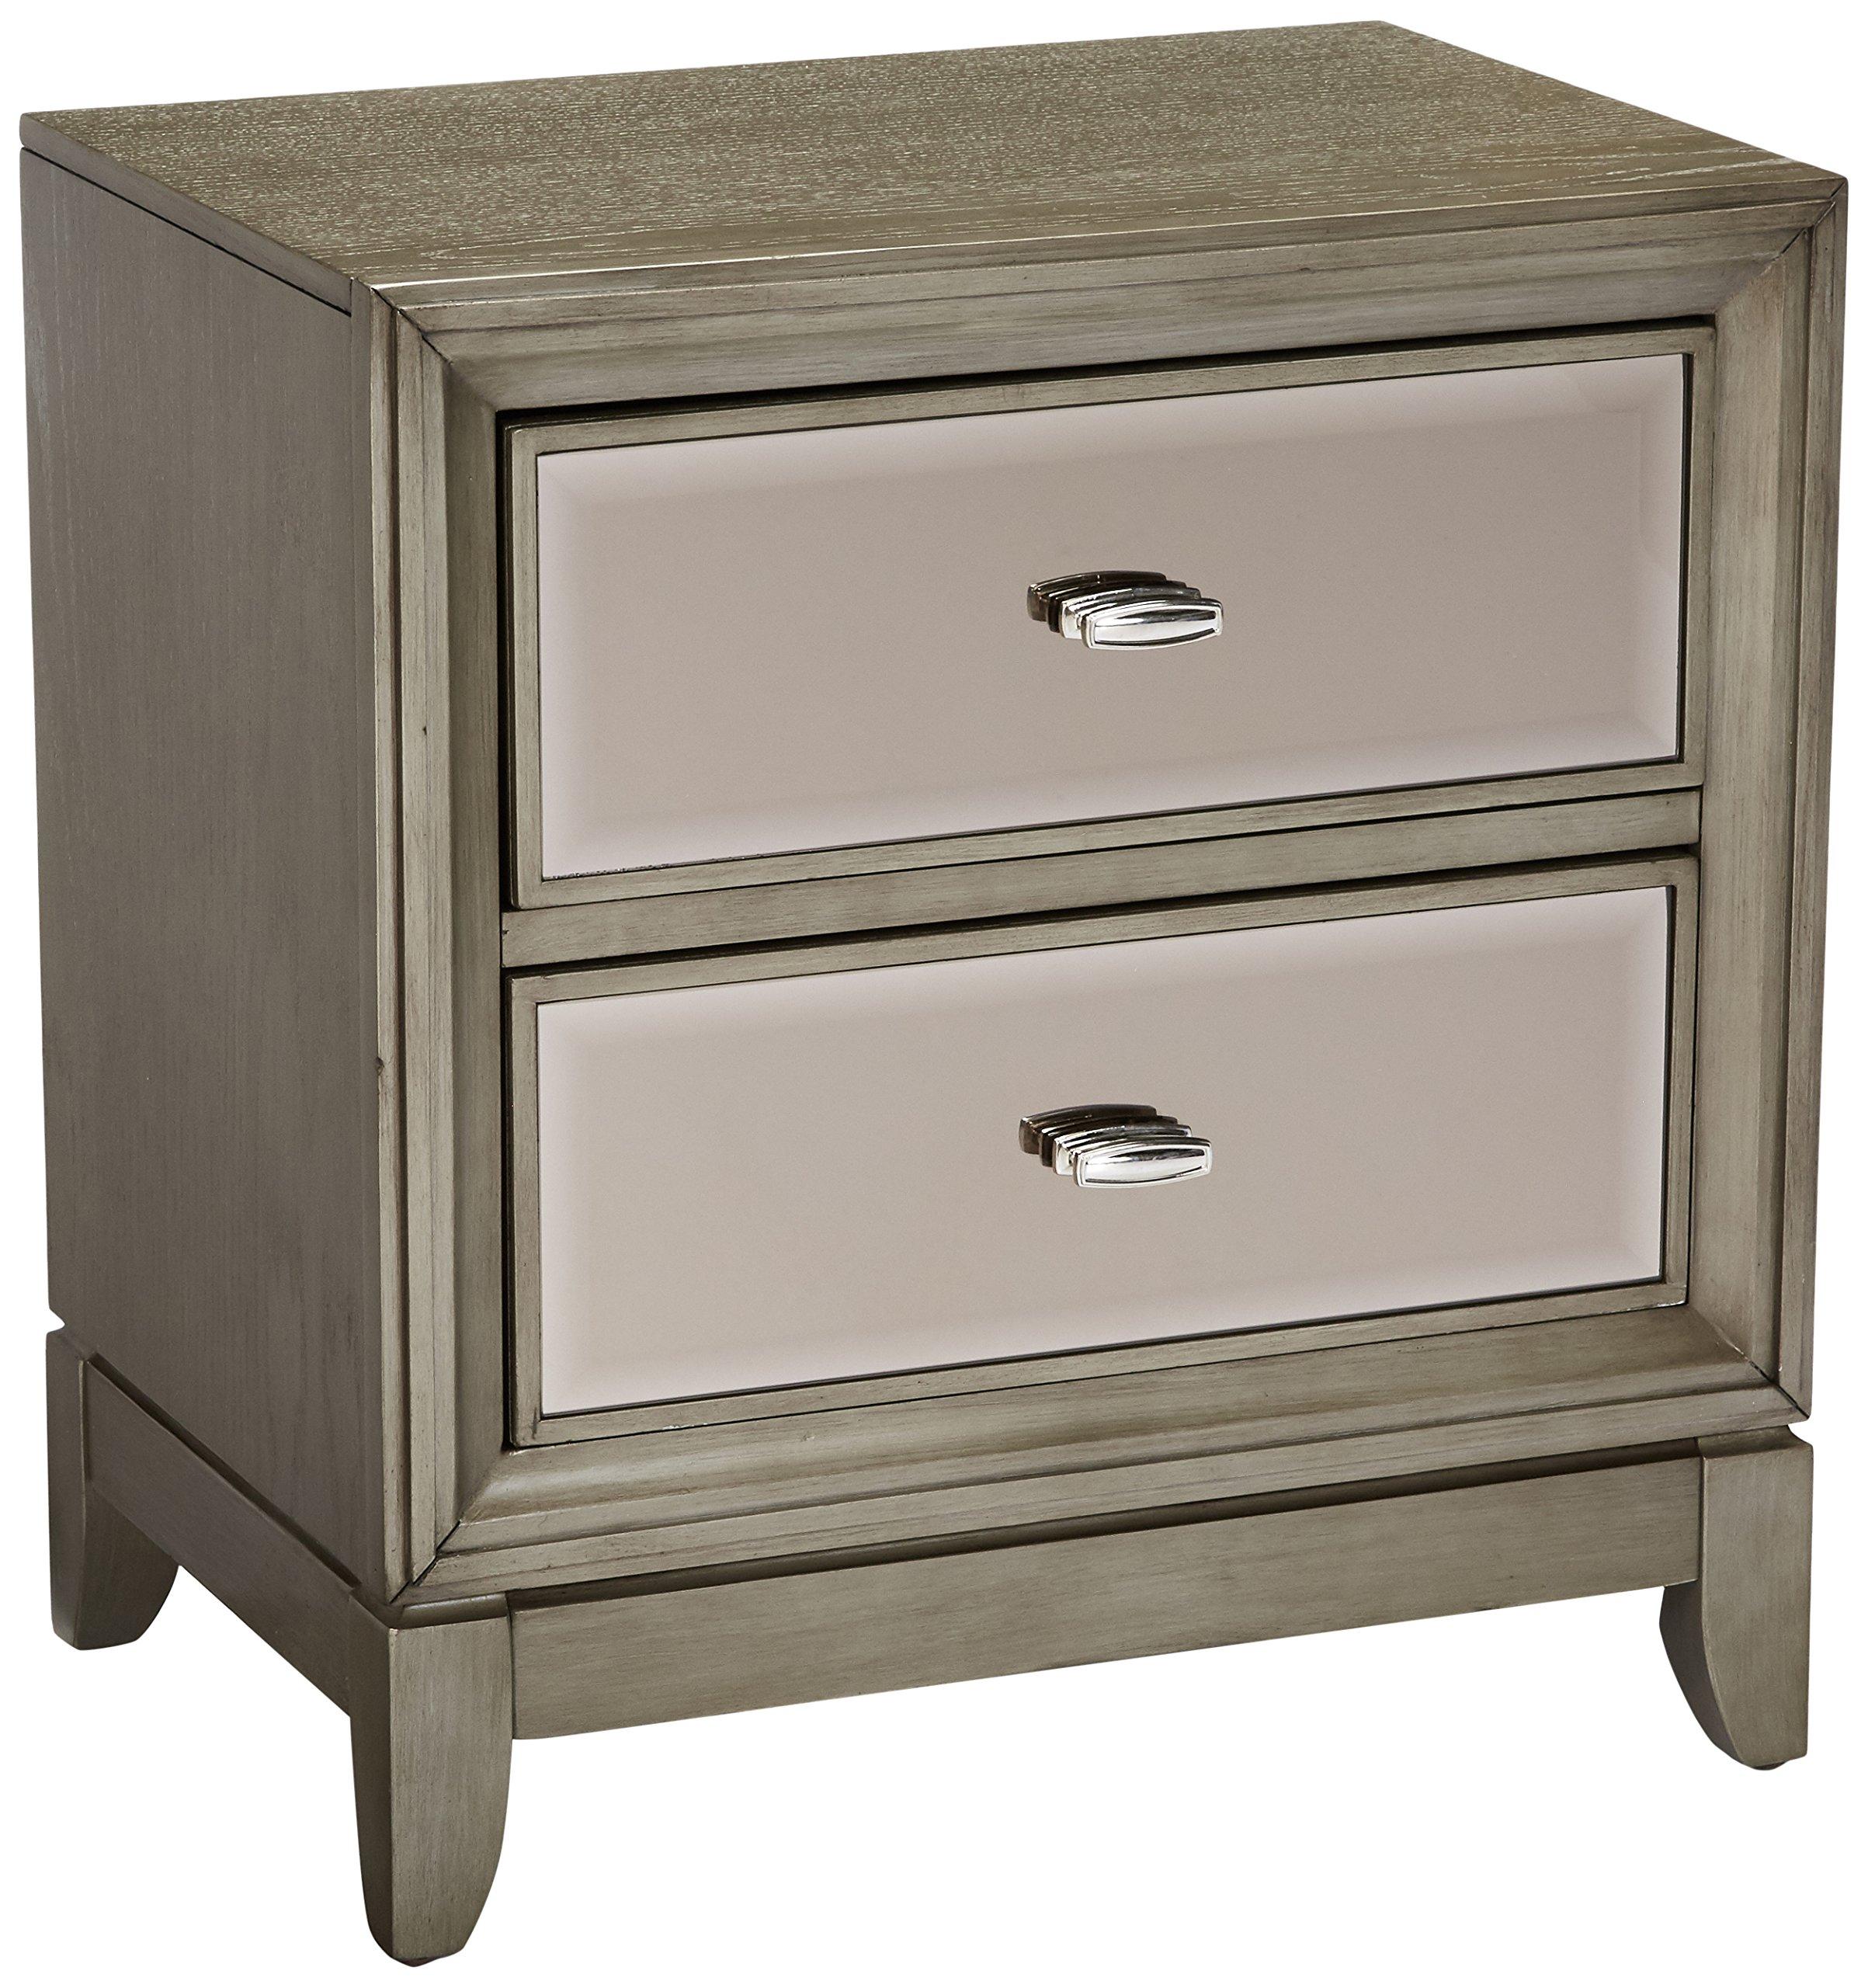 Bedroom Furniture -  -  - 91RgNJgWI1L -